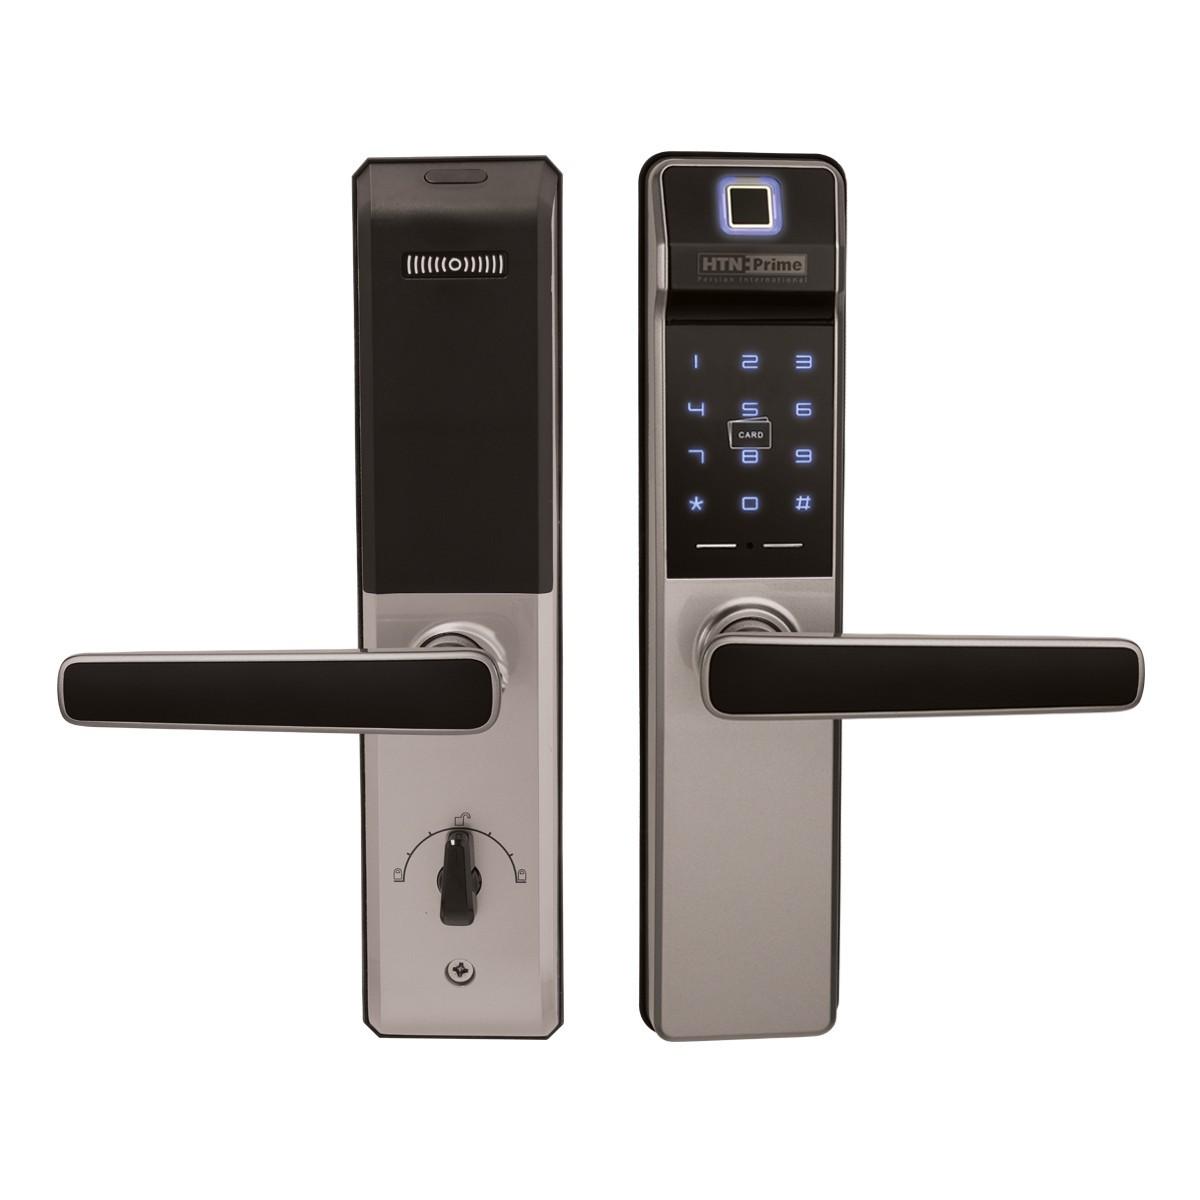 قفل الکترونیکی مدل 334G